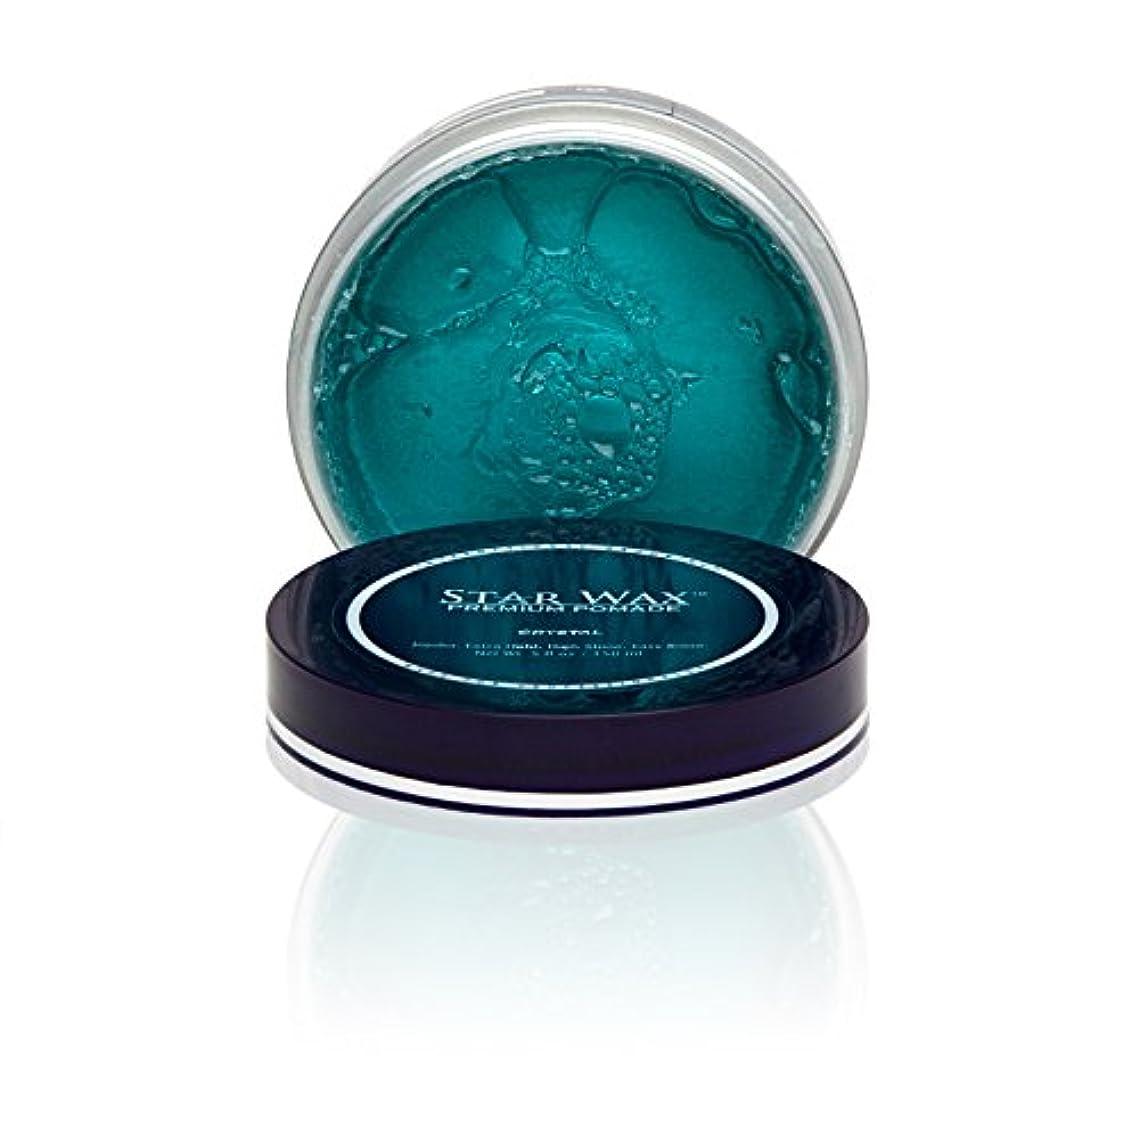 外国人雑多なコーチStar Wax | Premium Pomade, Crystal(スターワックスプレミアム ポマード「クリスタル」)?Star Pro Line(スタープロライン)製?5(液量)オンス/150ml